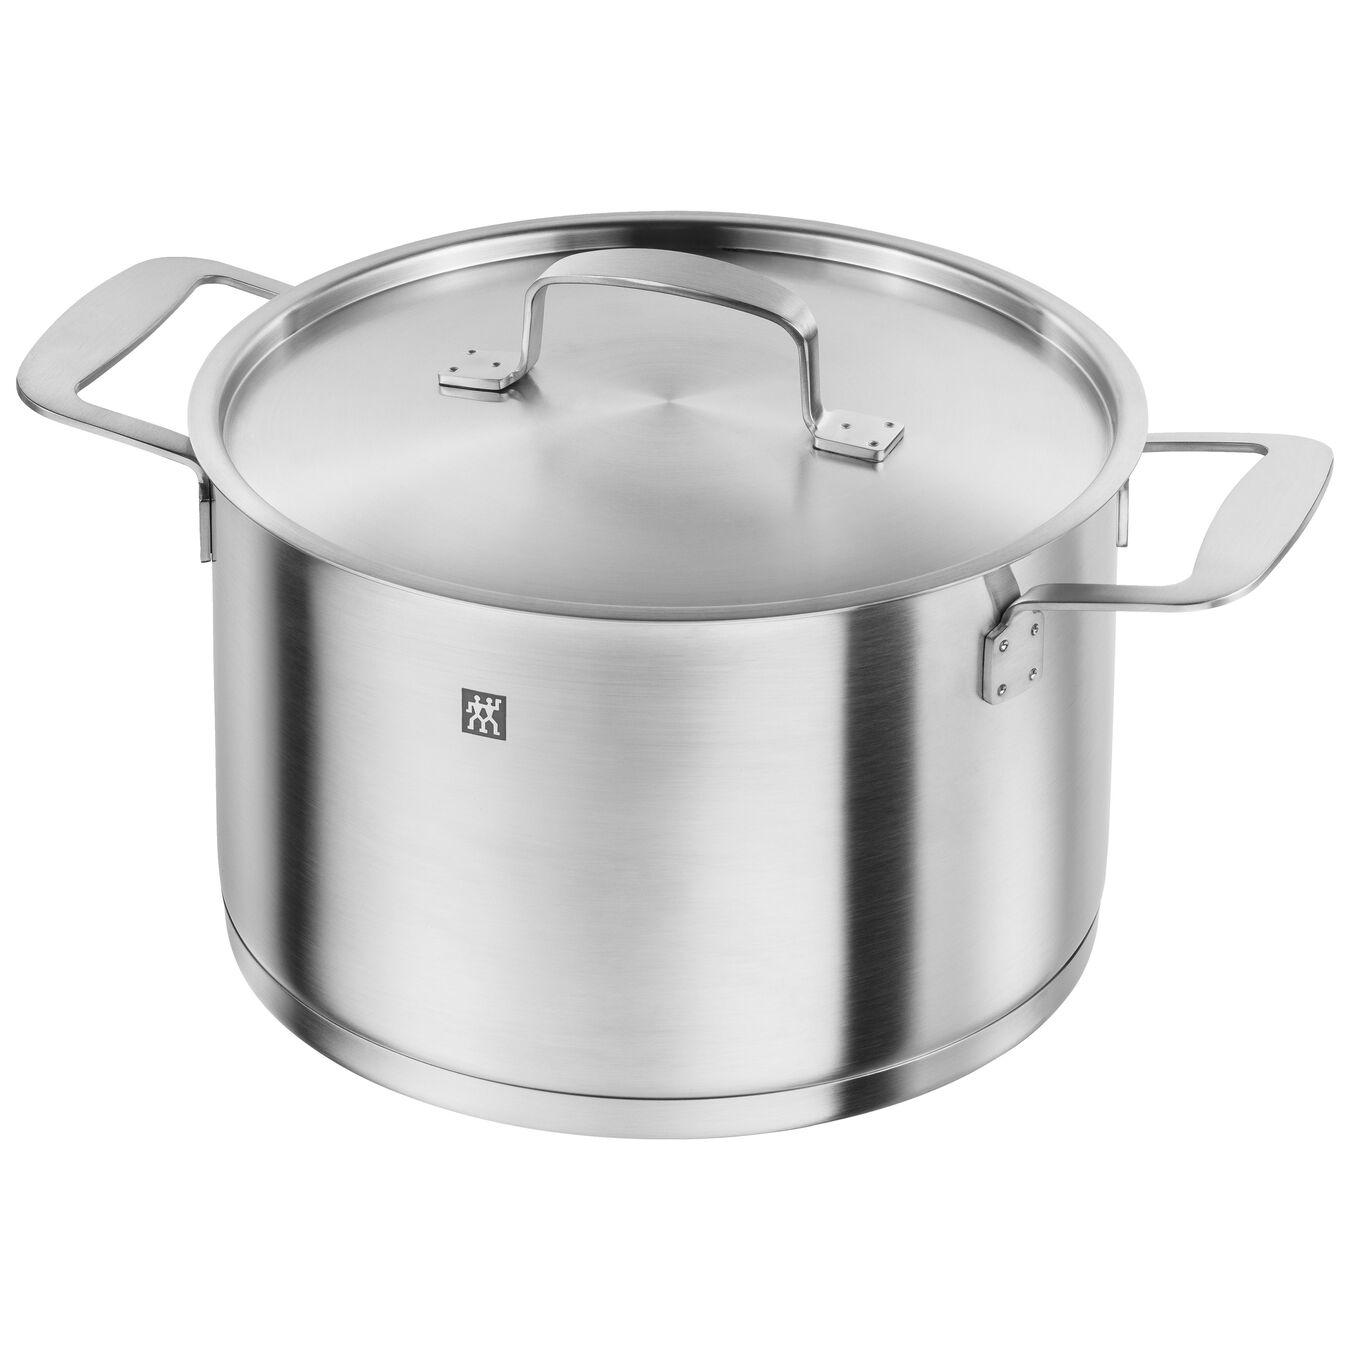 Ensemble de casseroles 3-pcs,,large 7